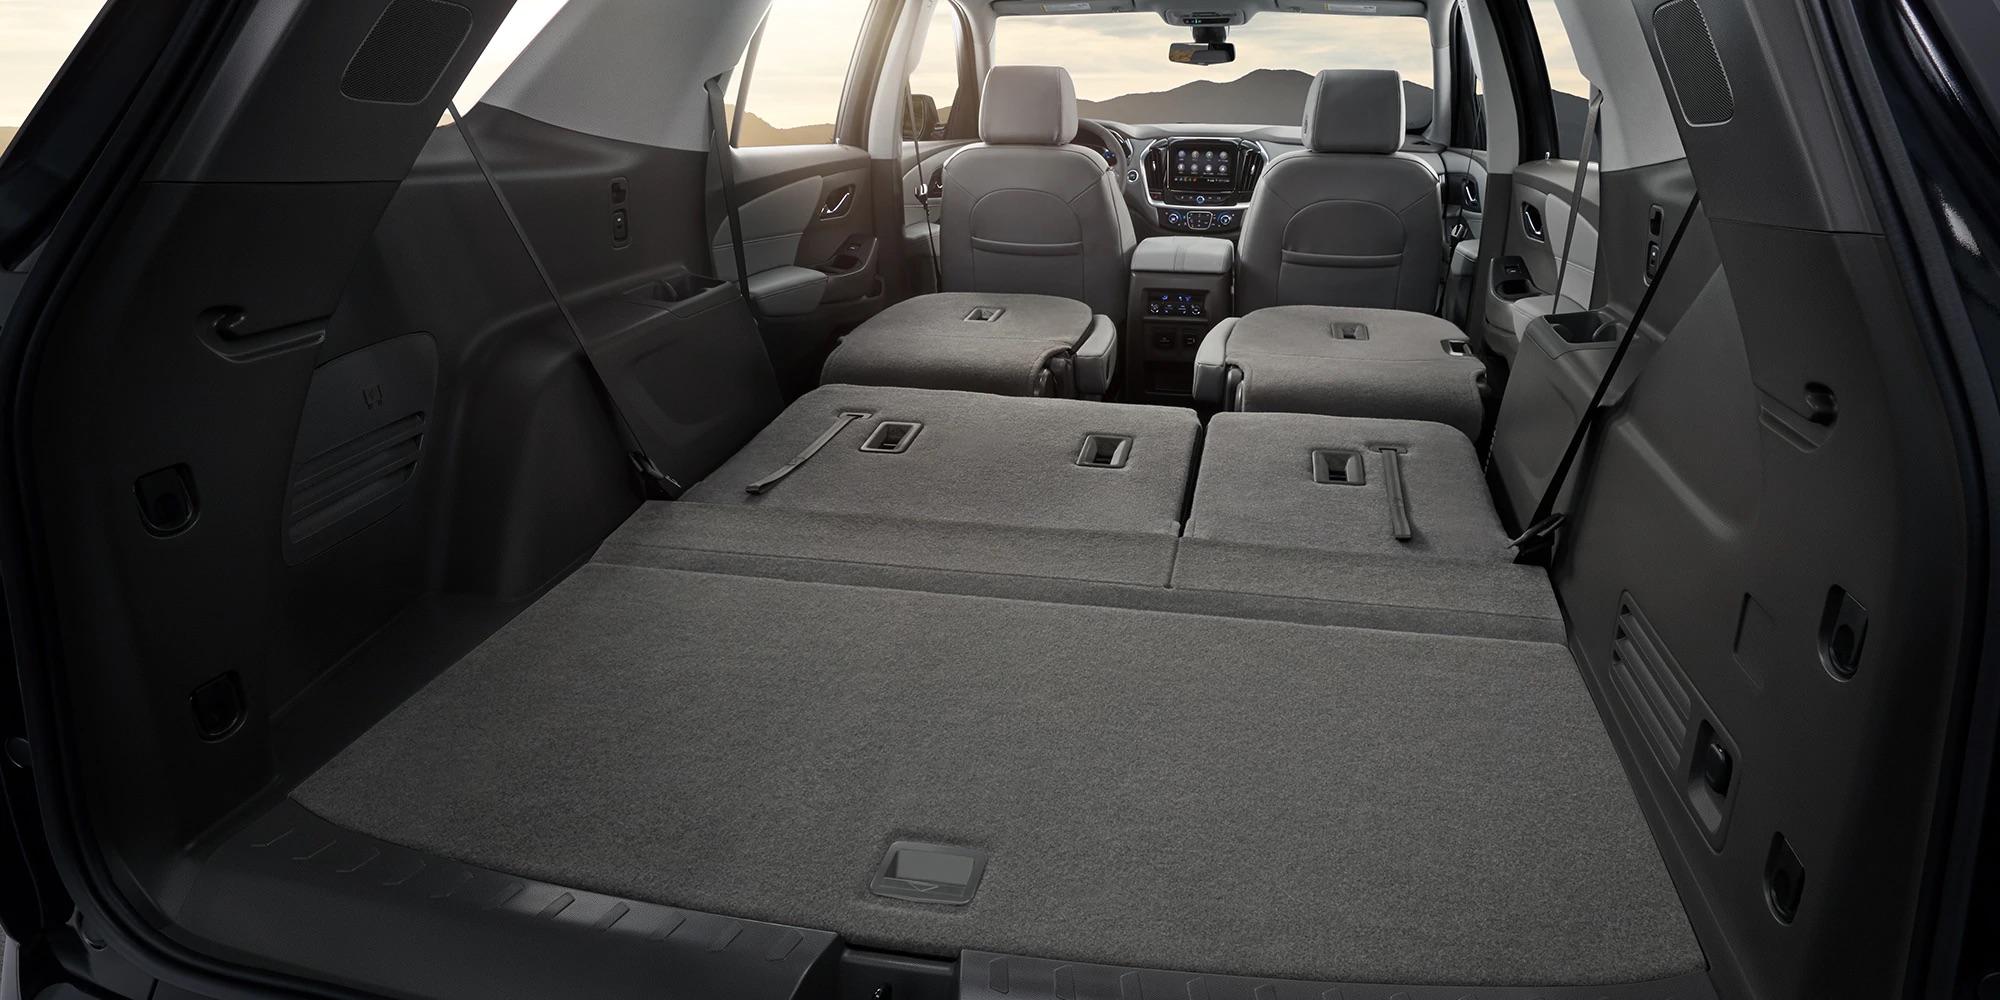 Con la Chevrolet Traverse 2020 tienes todo el espacio de carga que necesitas